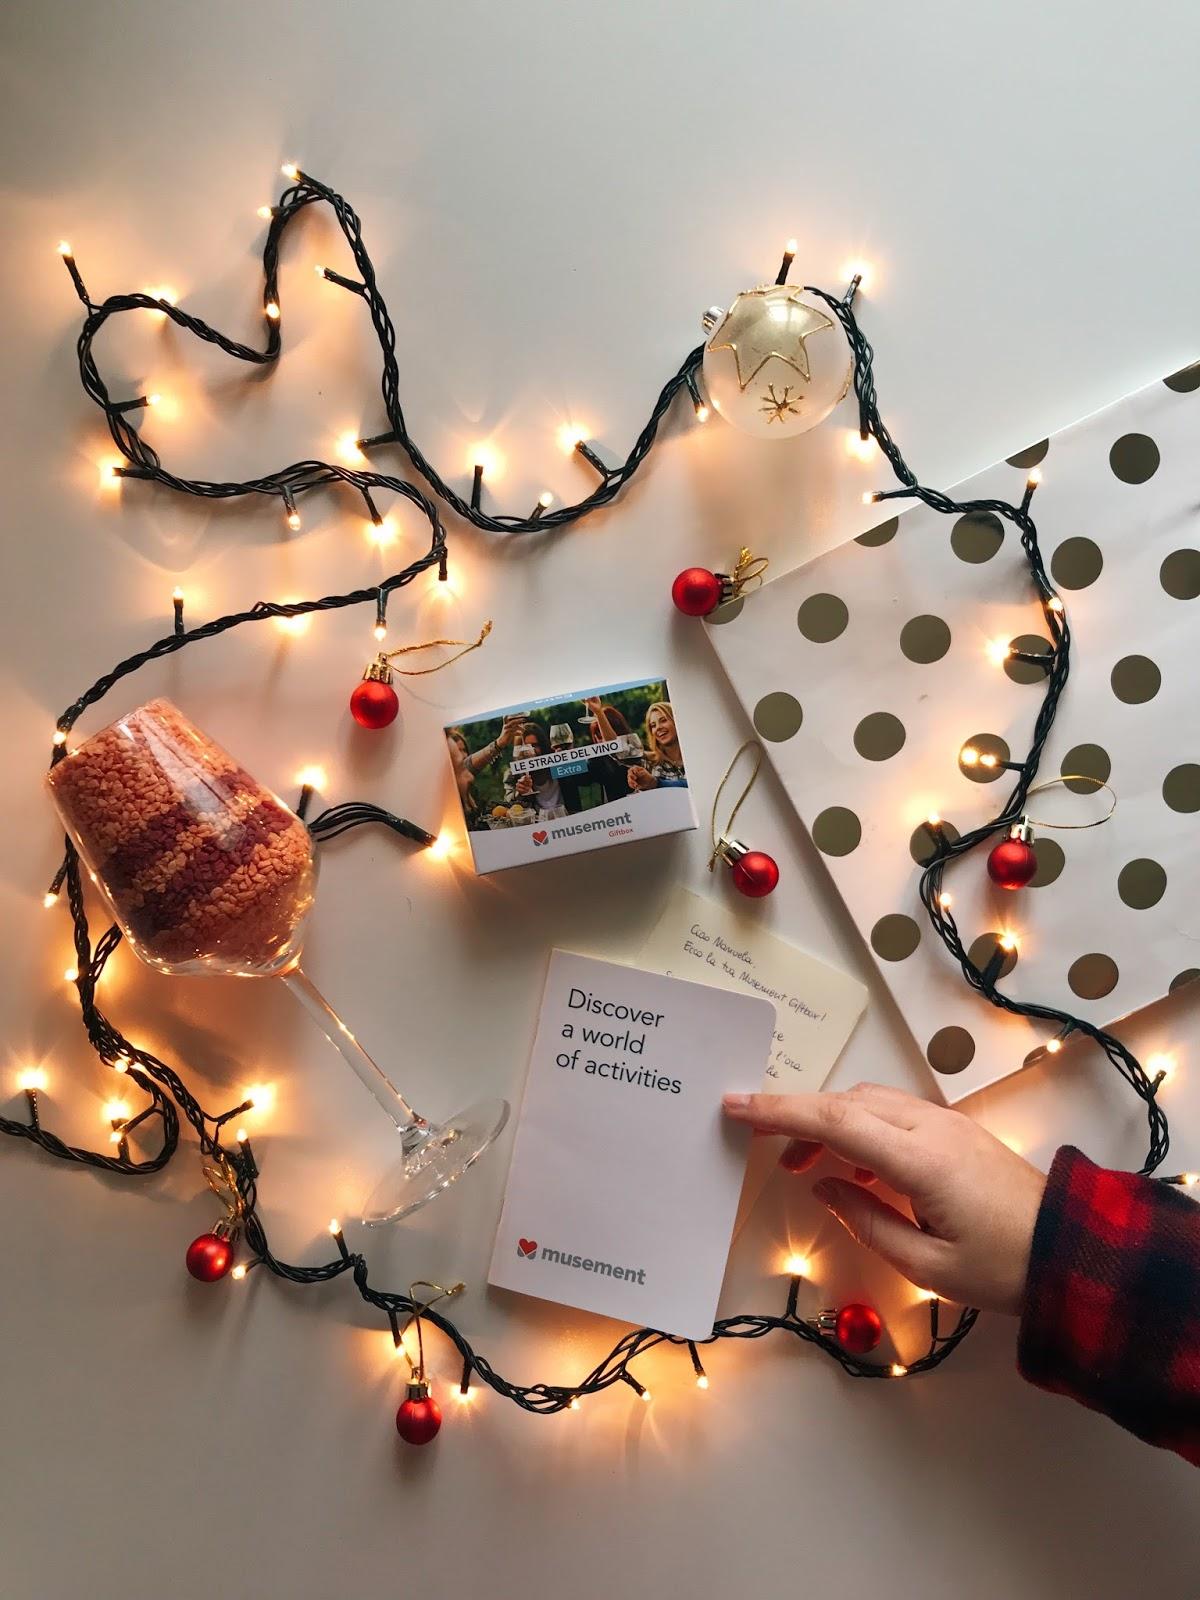 Idee Regalo Natale Viaggi.Pensieri In Viaggio Regali Di Natale 5 Proposte Per Chi Ama Viaggiare